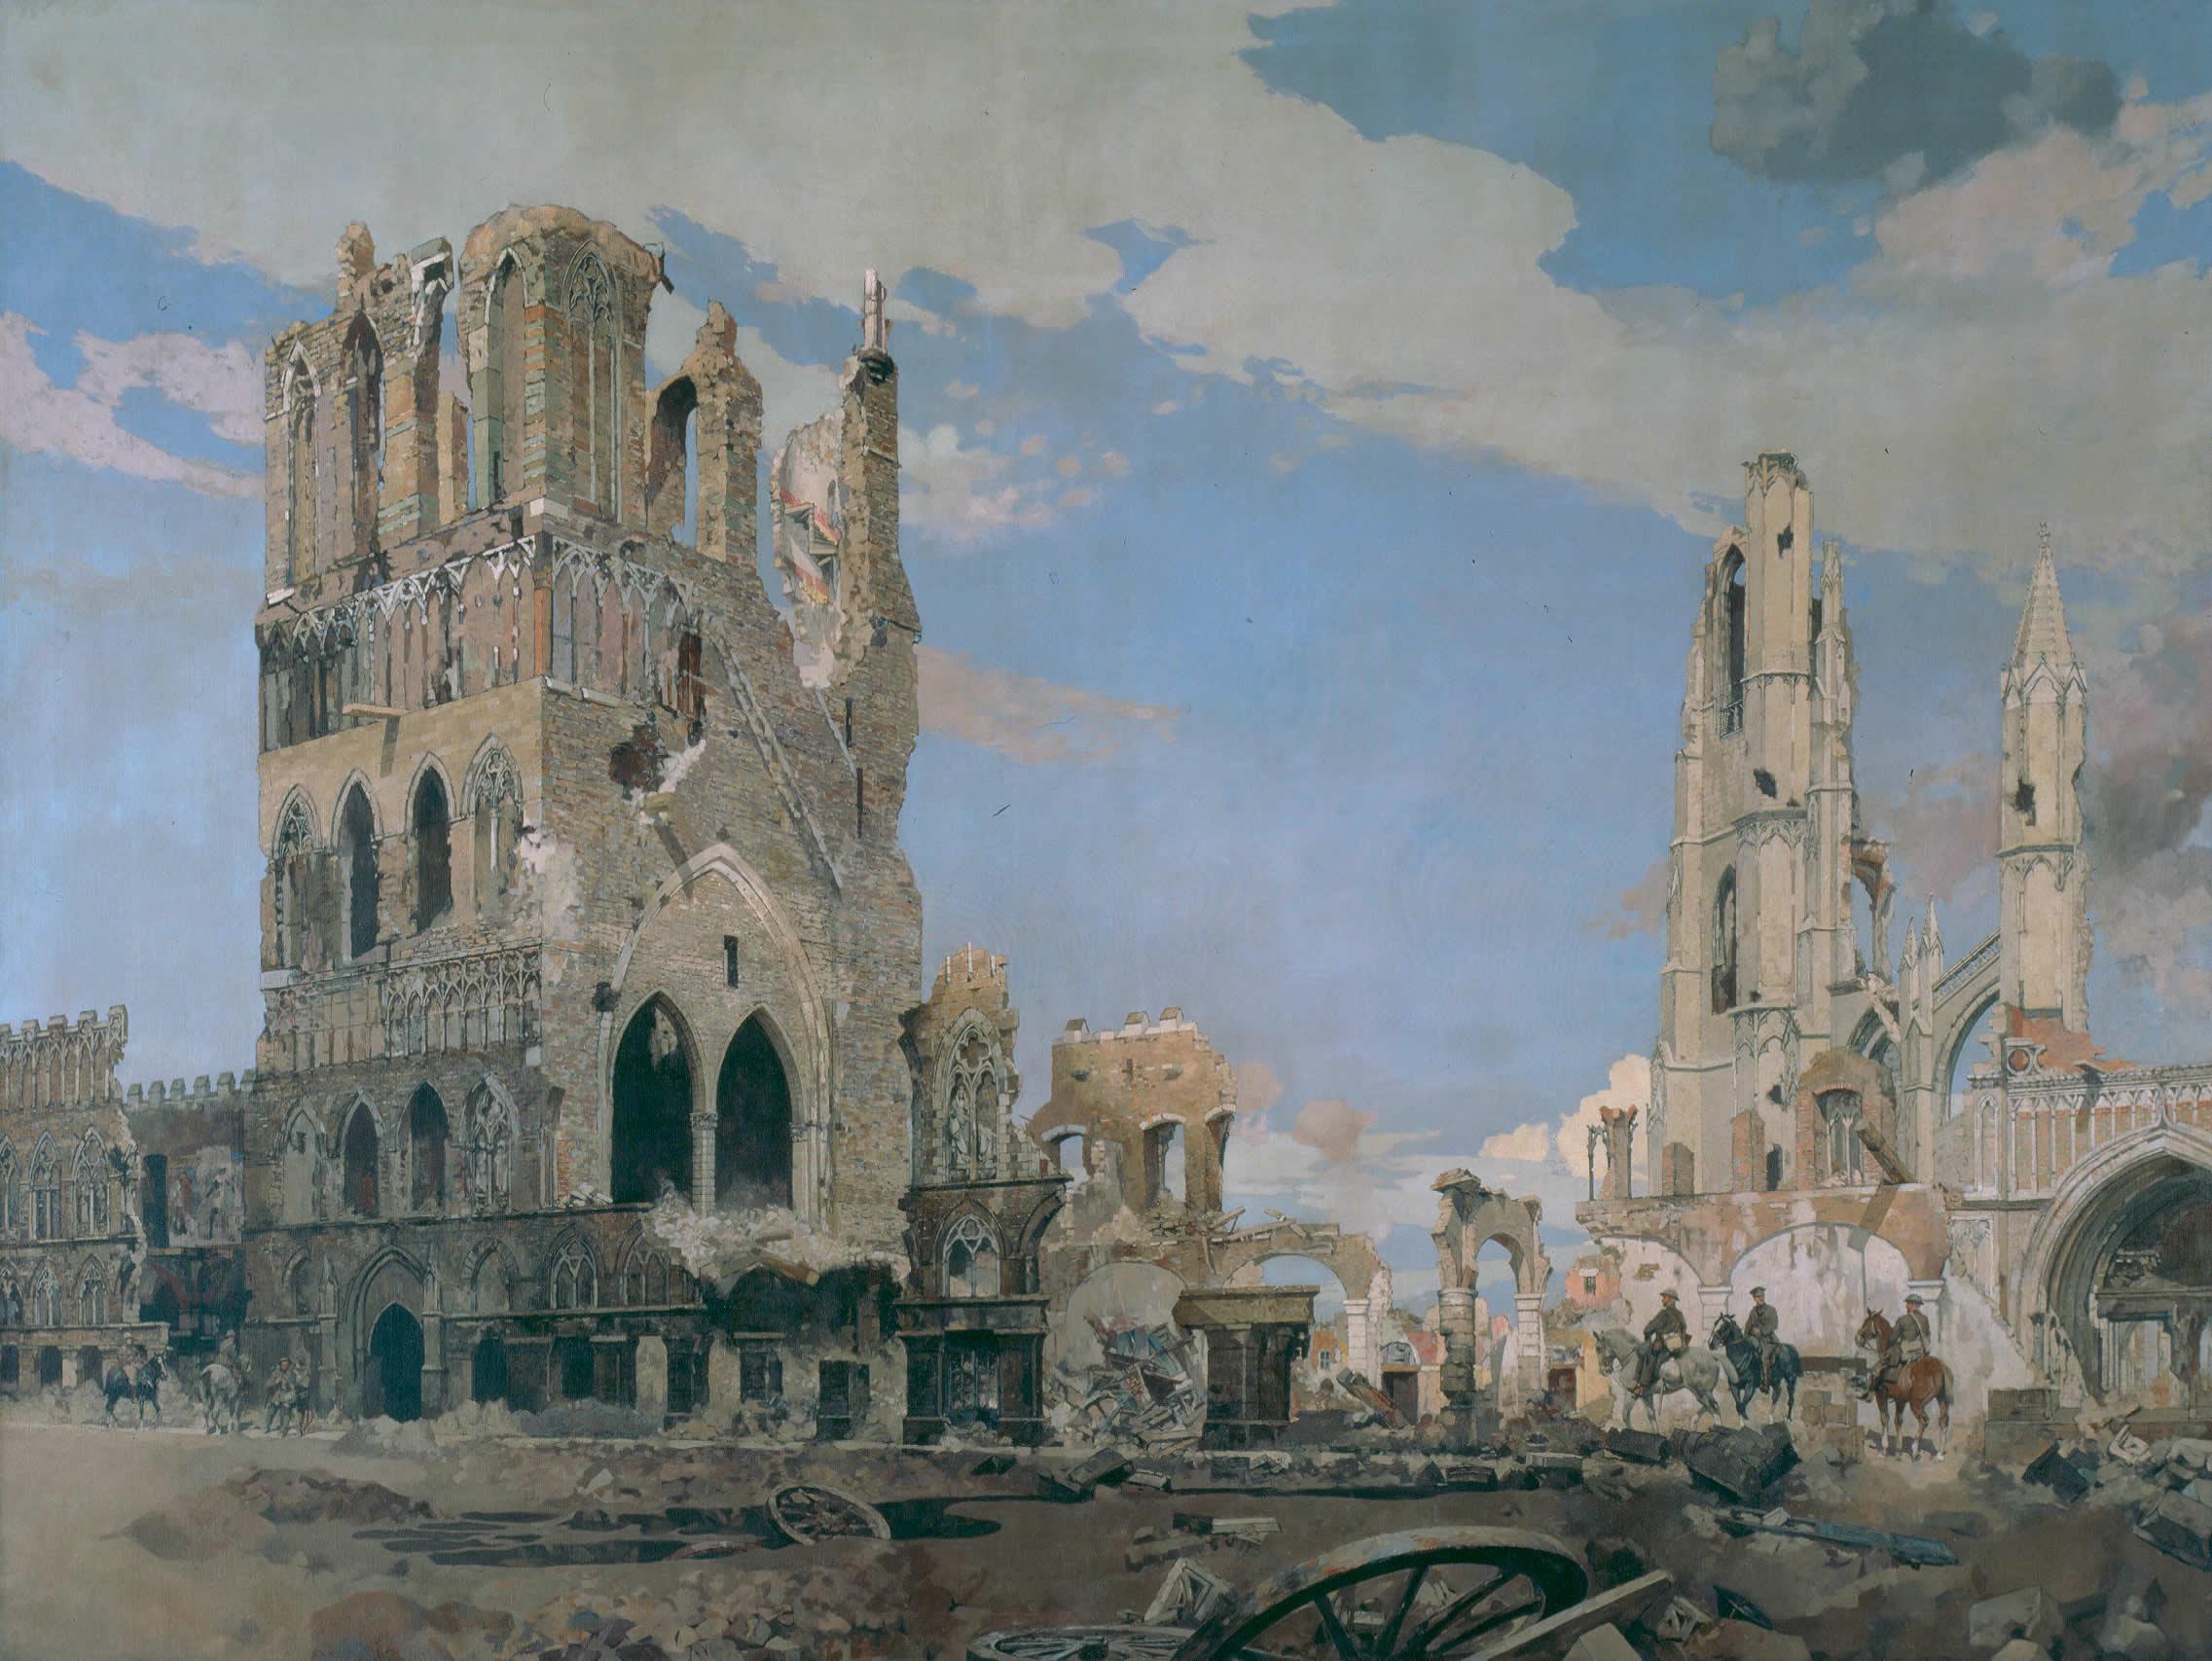 <i>The Cloth Hall, Ypres</i>